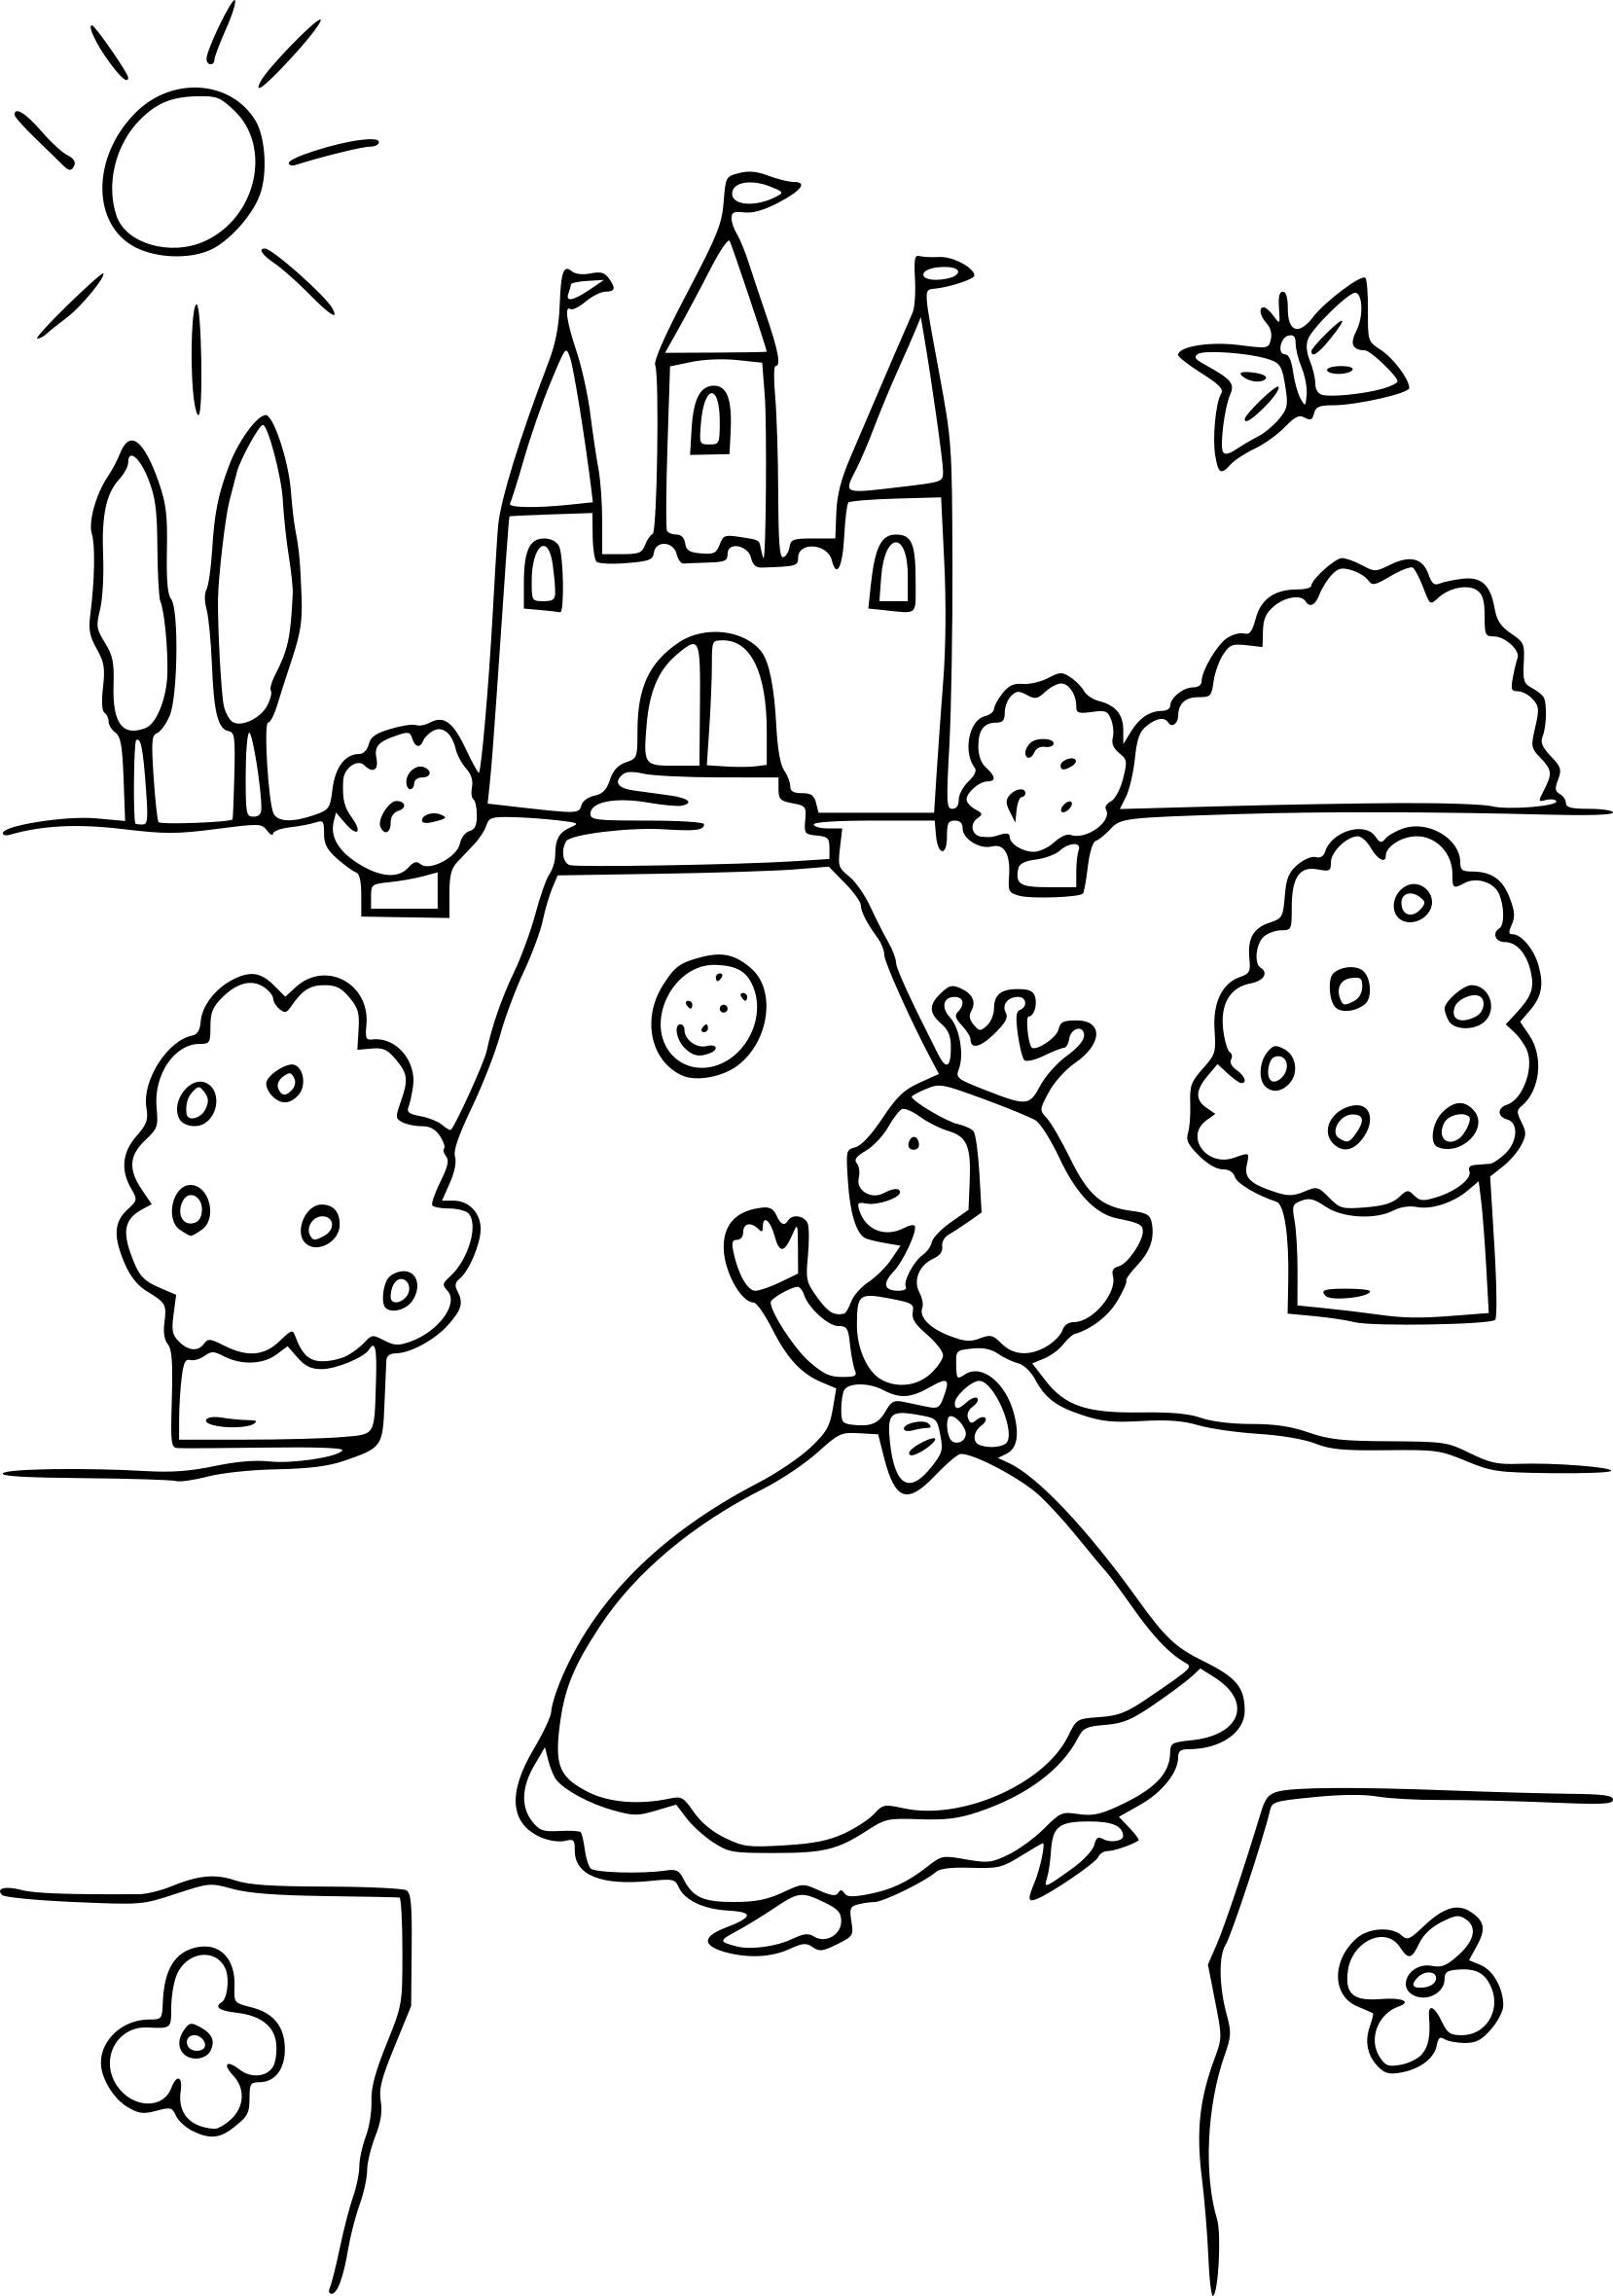 Coloriage Princesse Chateau À Imprimer Sur Coloriages tout Chateau De Princesse Dessin